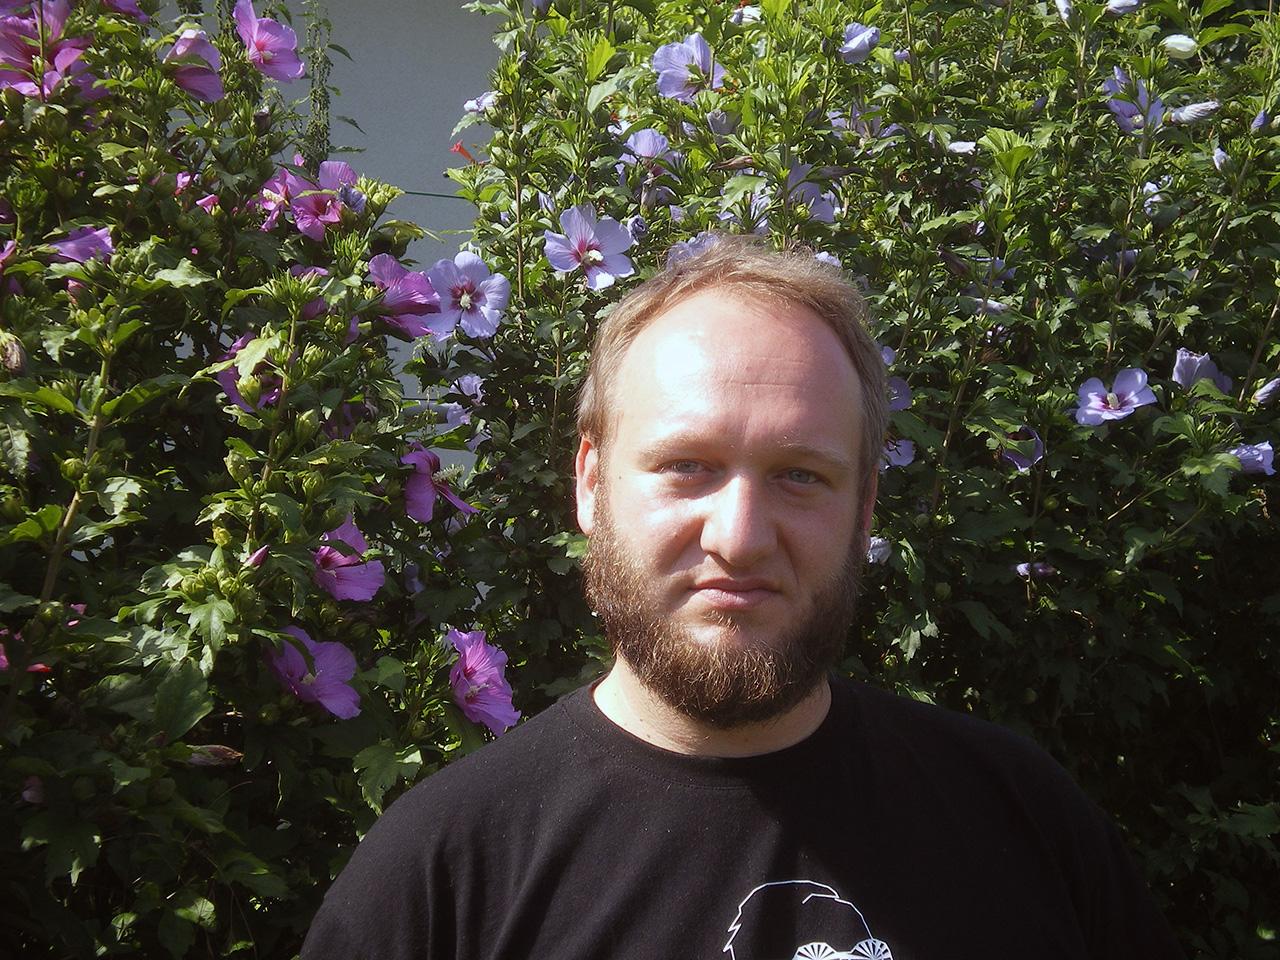 Moritz Bartl